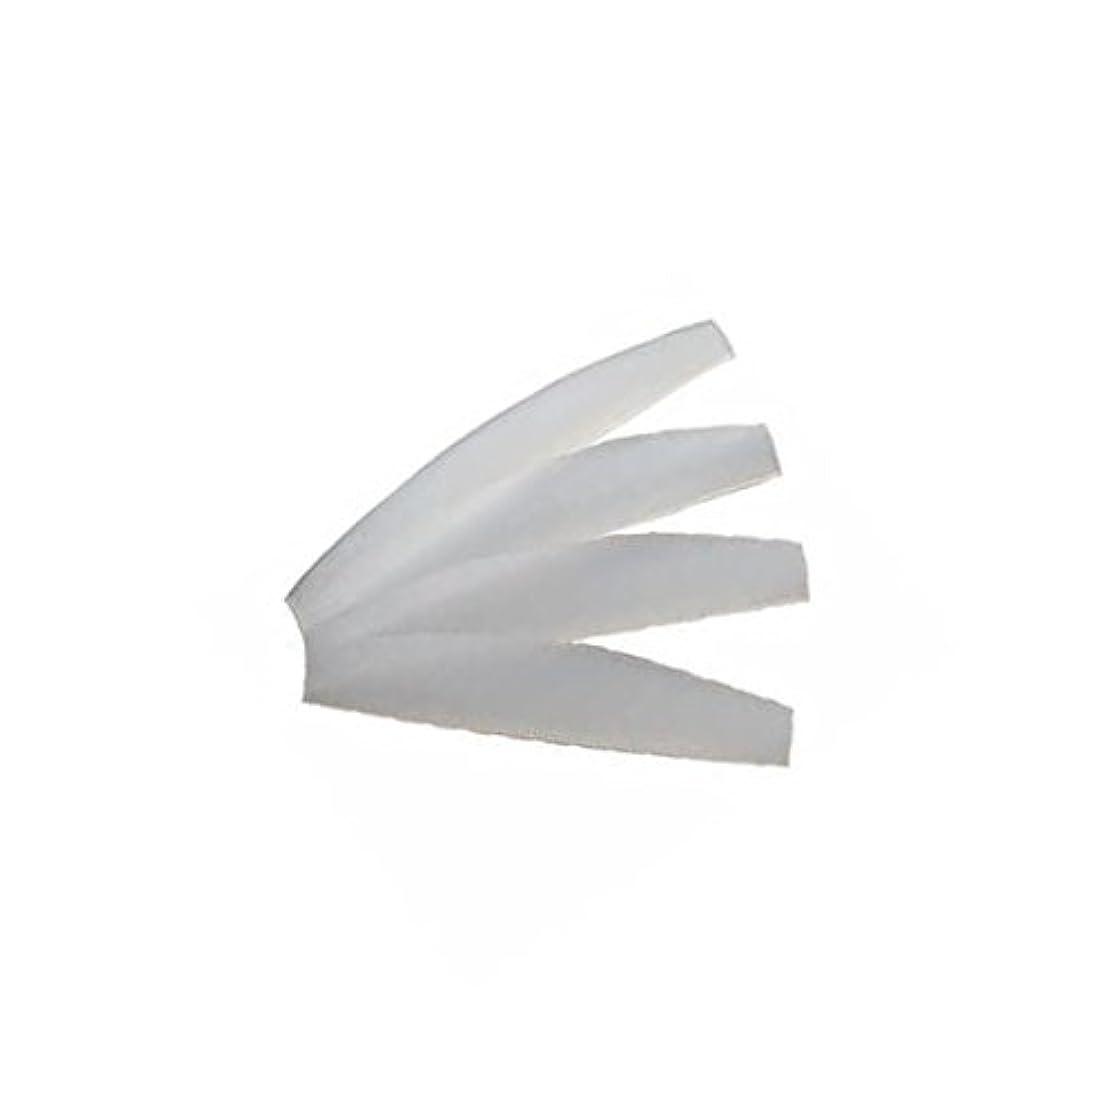 ミスペンド悲鳴切る< CKL > 万能シリコンロット S 幅49×奥行9×高さ0.5~1.5mm 20枚 [ まつげカール まつげパーマロッド シリコンロット まつげエクステ まつ毛エクステ まつエク マツエク ]